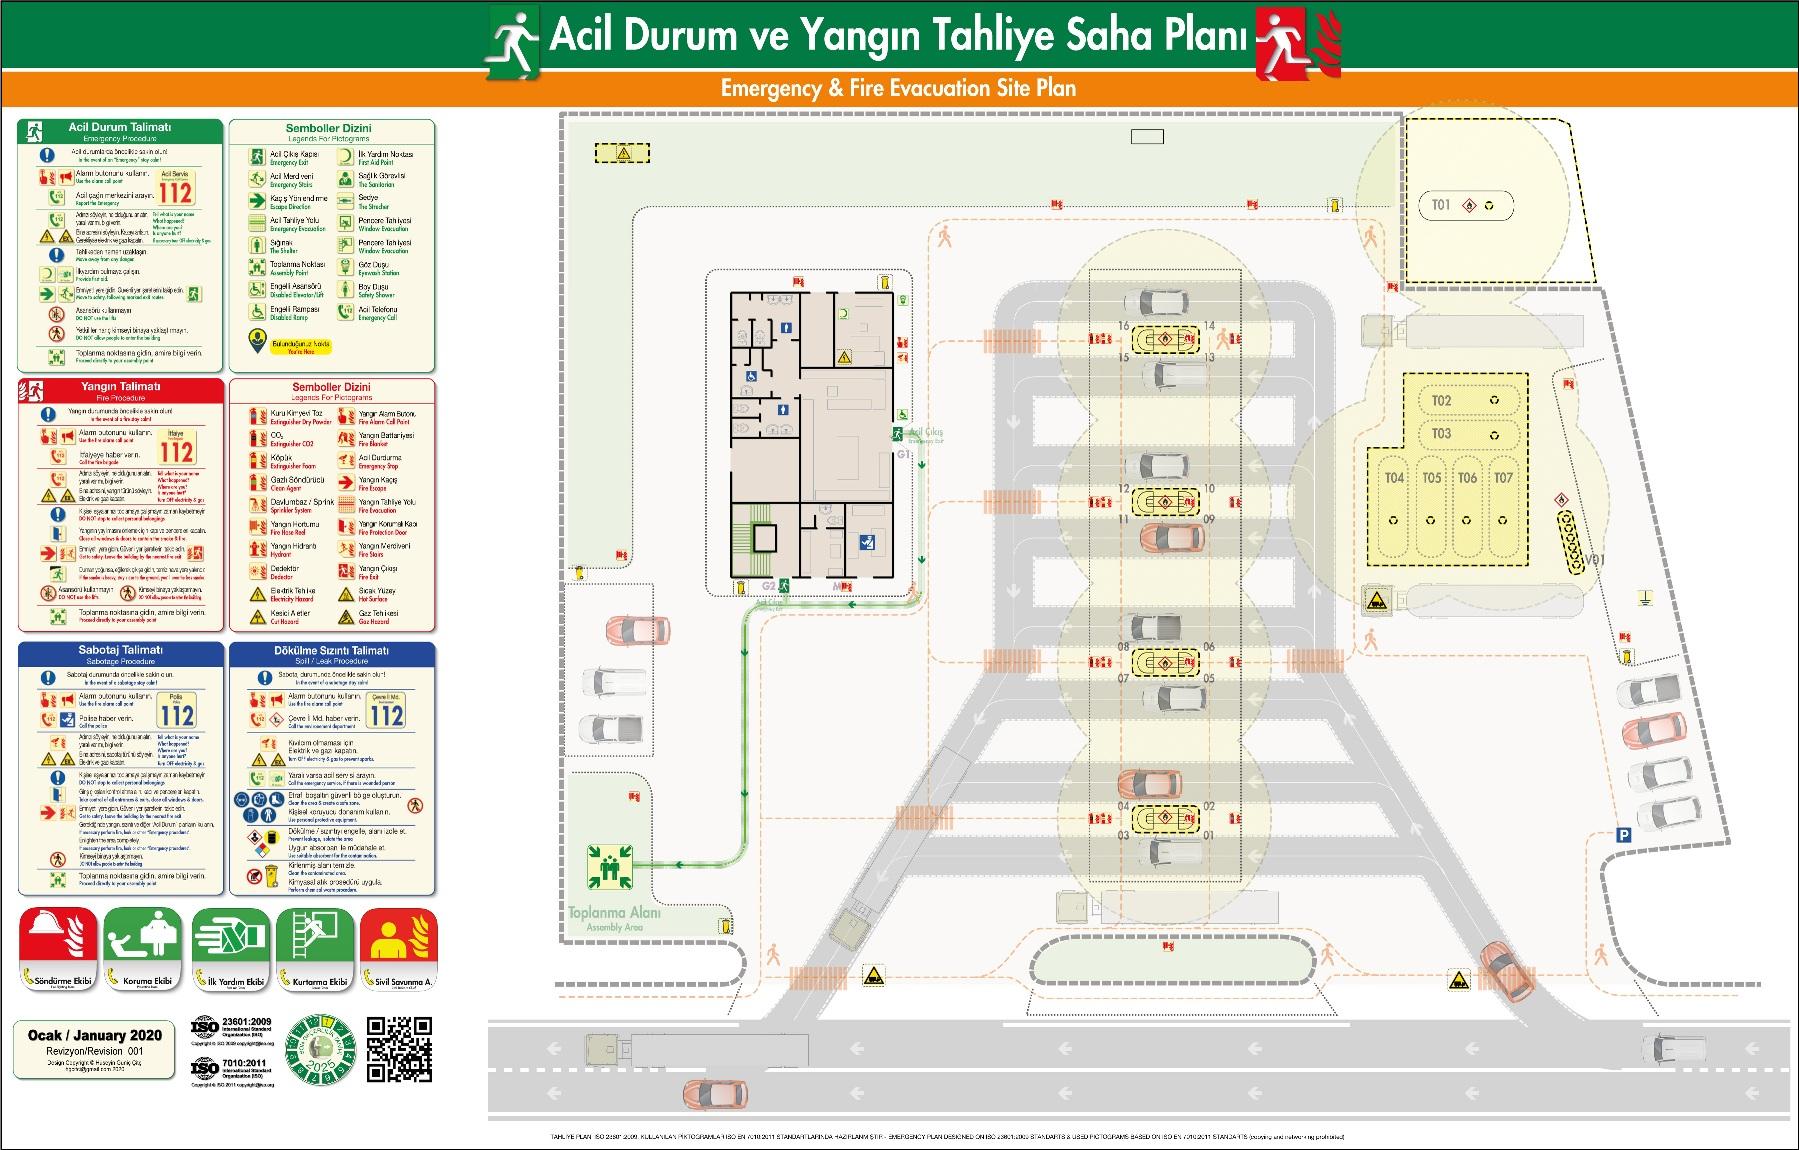 ISO 23601 Acil Durum ve Yangin Tahliye Saha Plani Akaryakit istasyonu